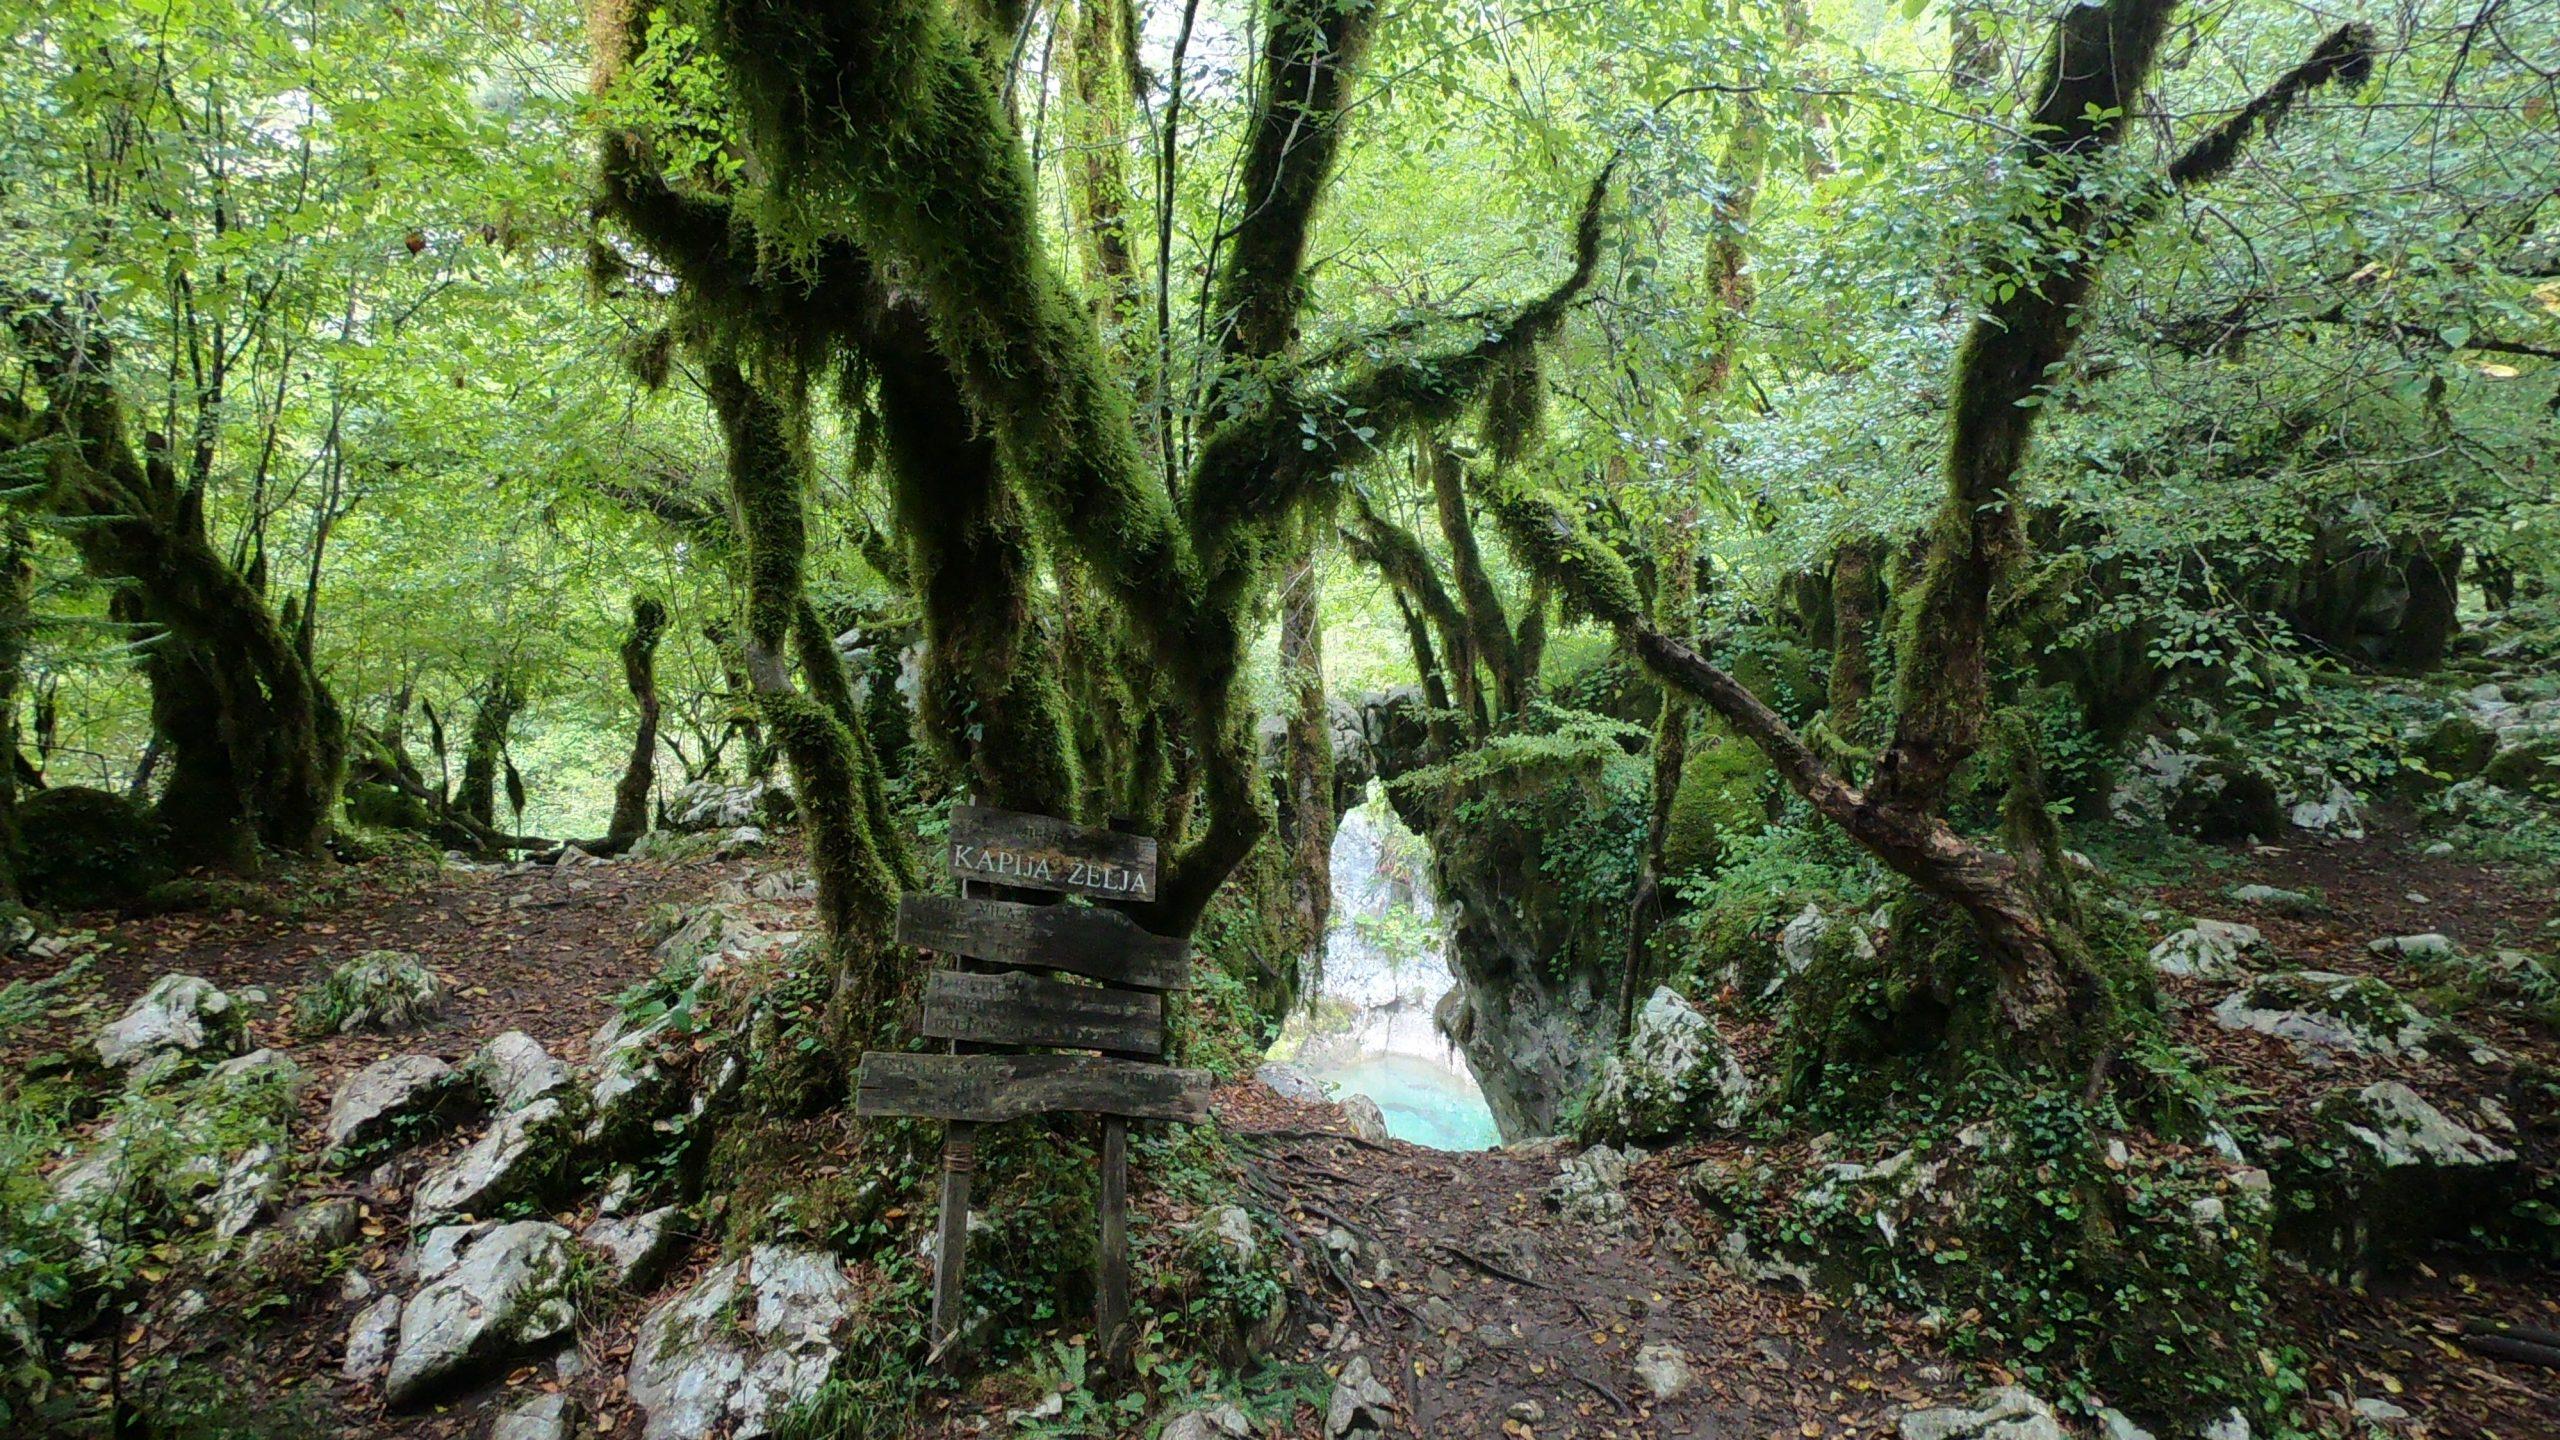 Brána přání, kaňon řeky Mrtvica, Černá Hora